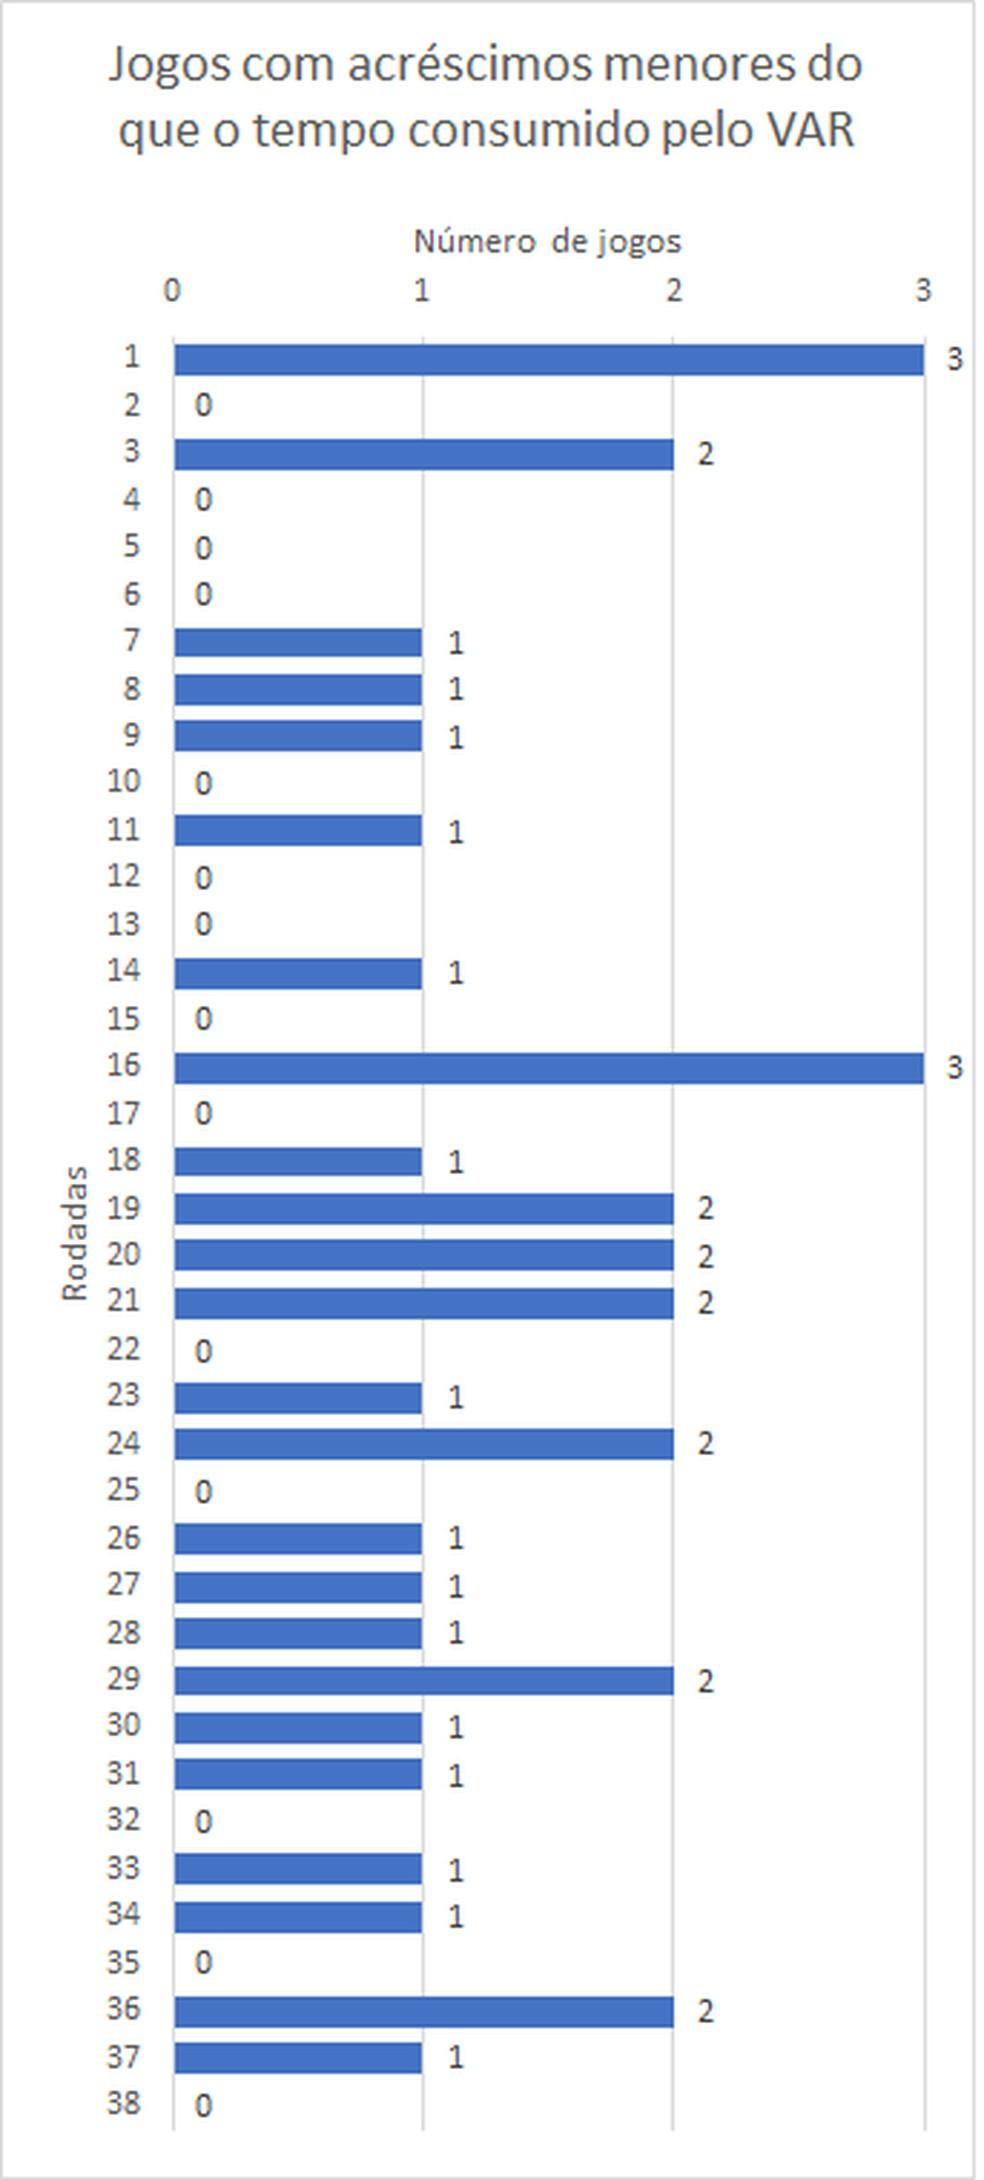 Número de jogos por rodada em que os acréscimos ao final de cada tempo foram menores do que o tempo consumido pelo VAR — Foto: Espião Estatístico